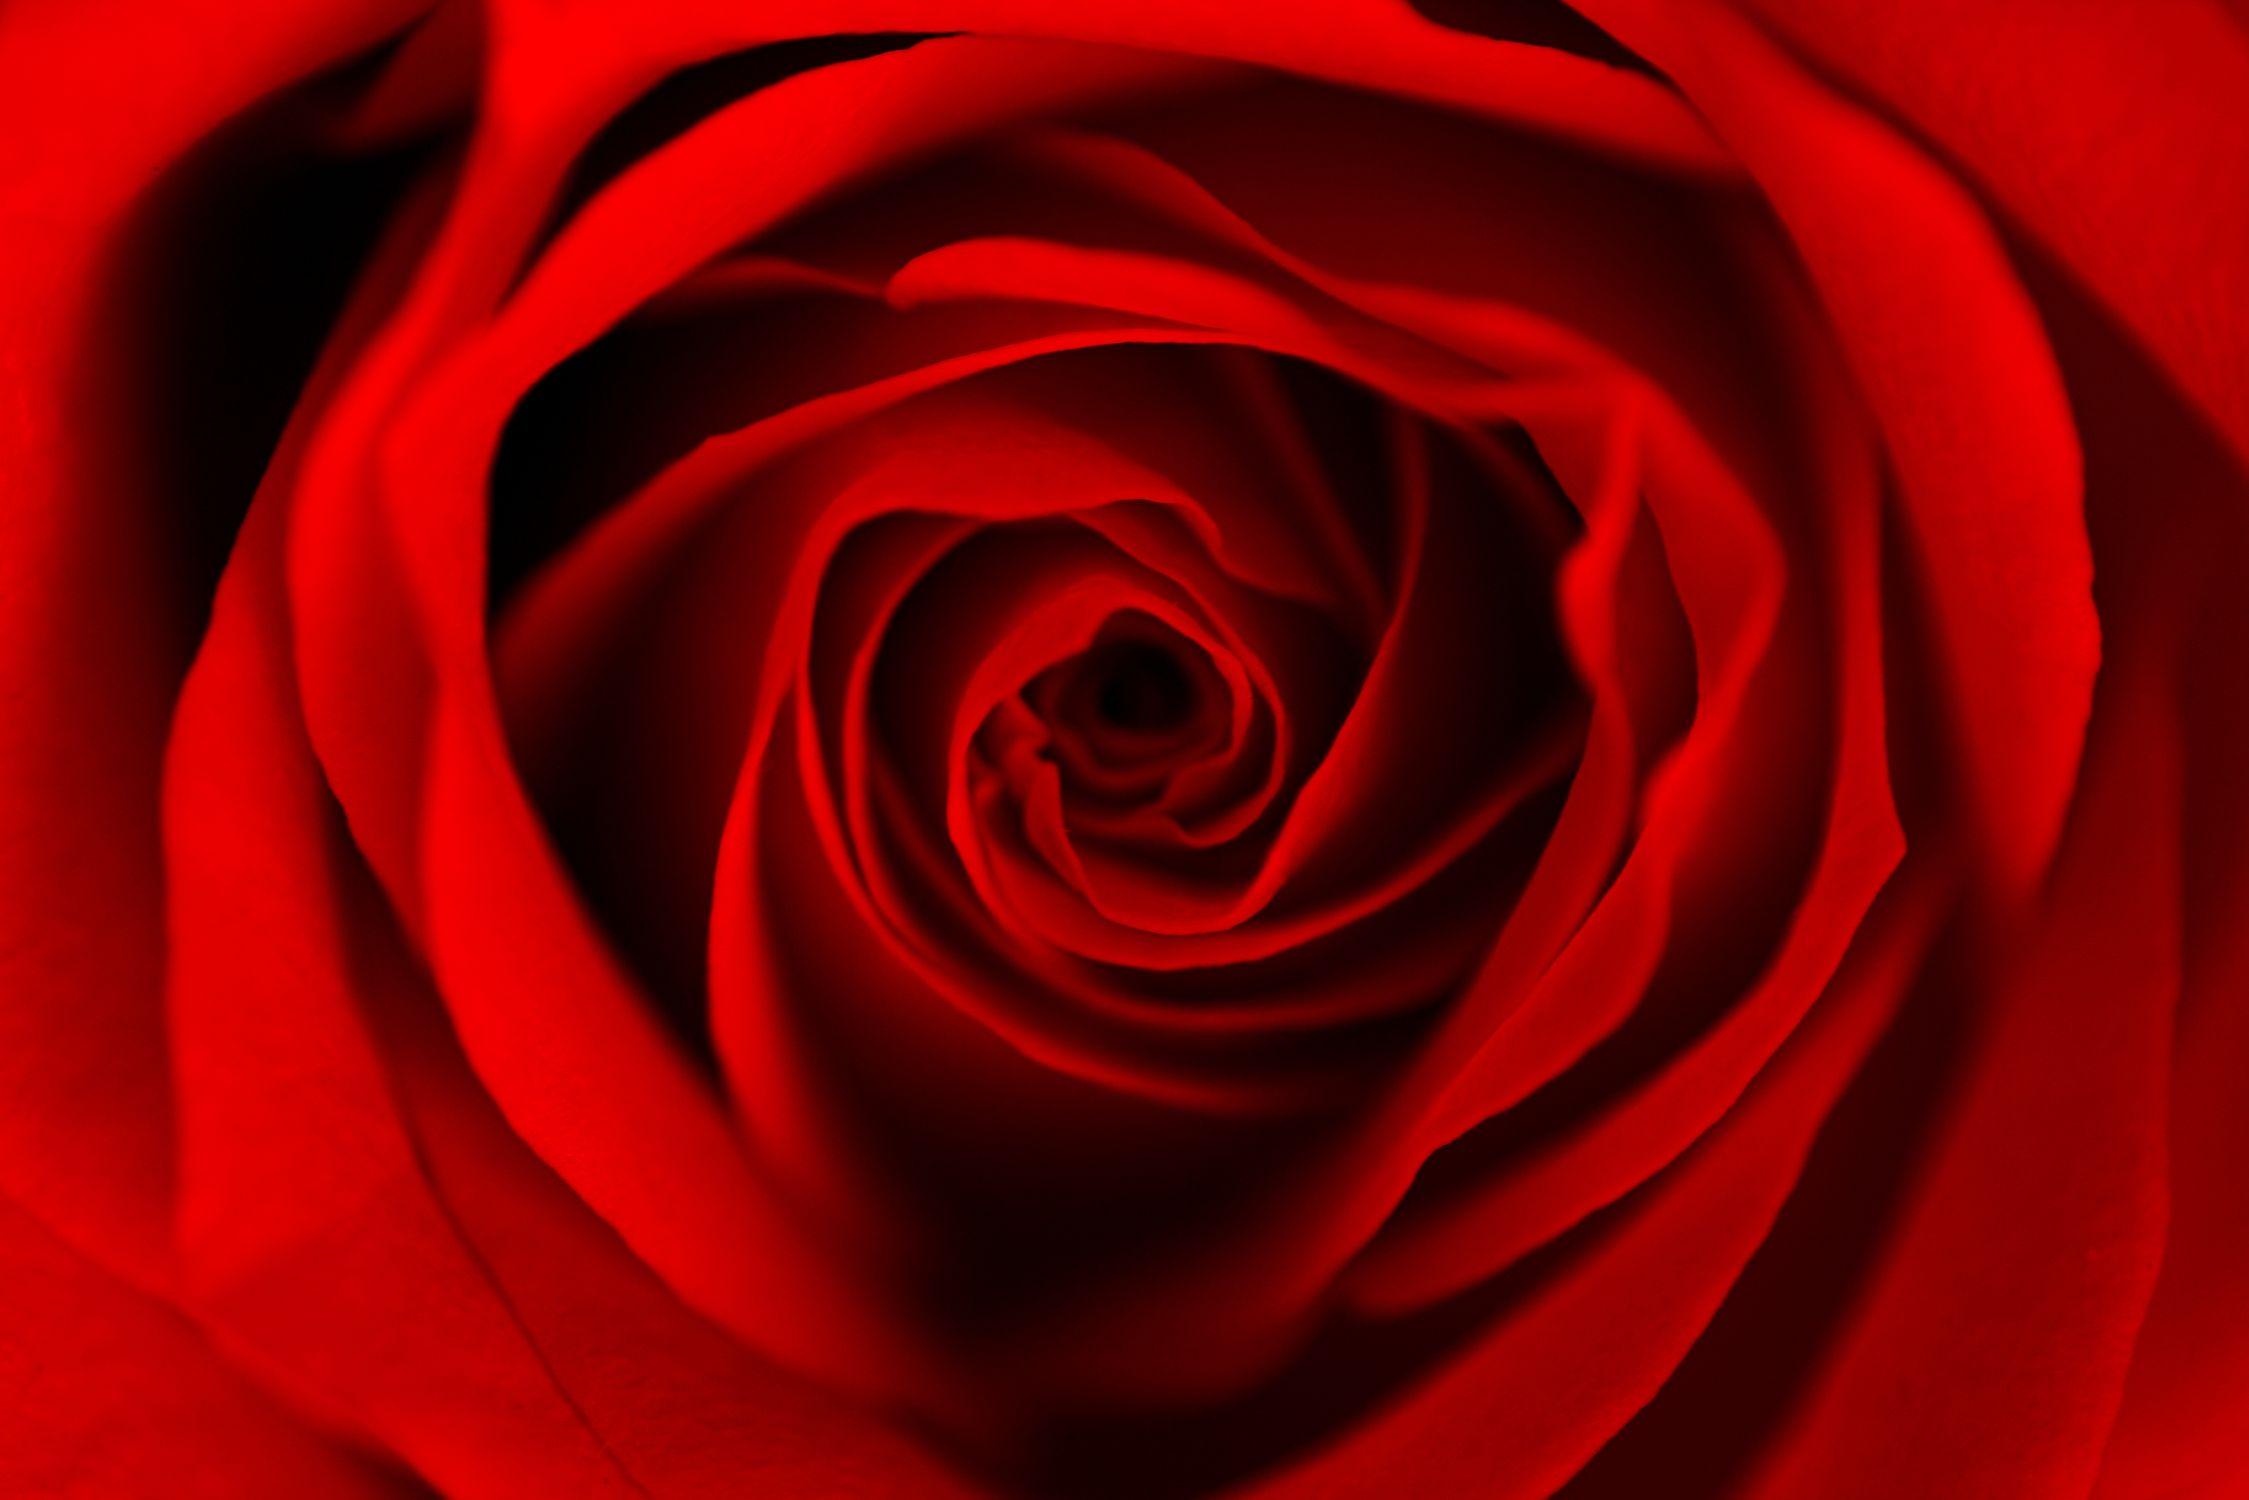 Bild mit Natur, Pflanzen, Blumen, Blumen, Rosen, Blume, Pflanze, Rose, Roses, Makro Rose, rote Rose, Rosenblüte, Flower, Flowers, Blumen im Makro